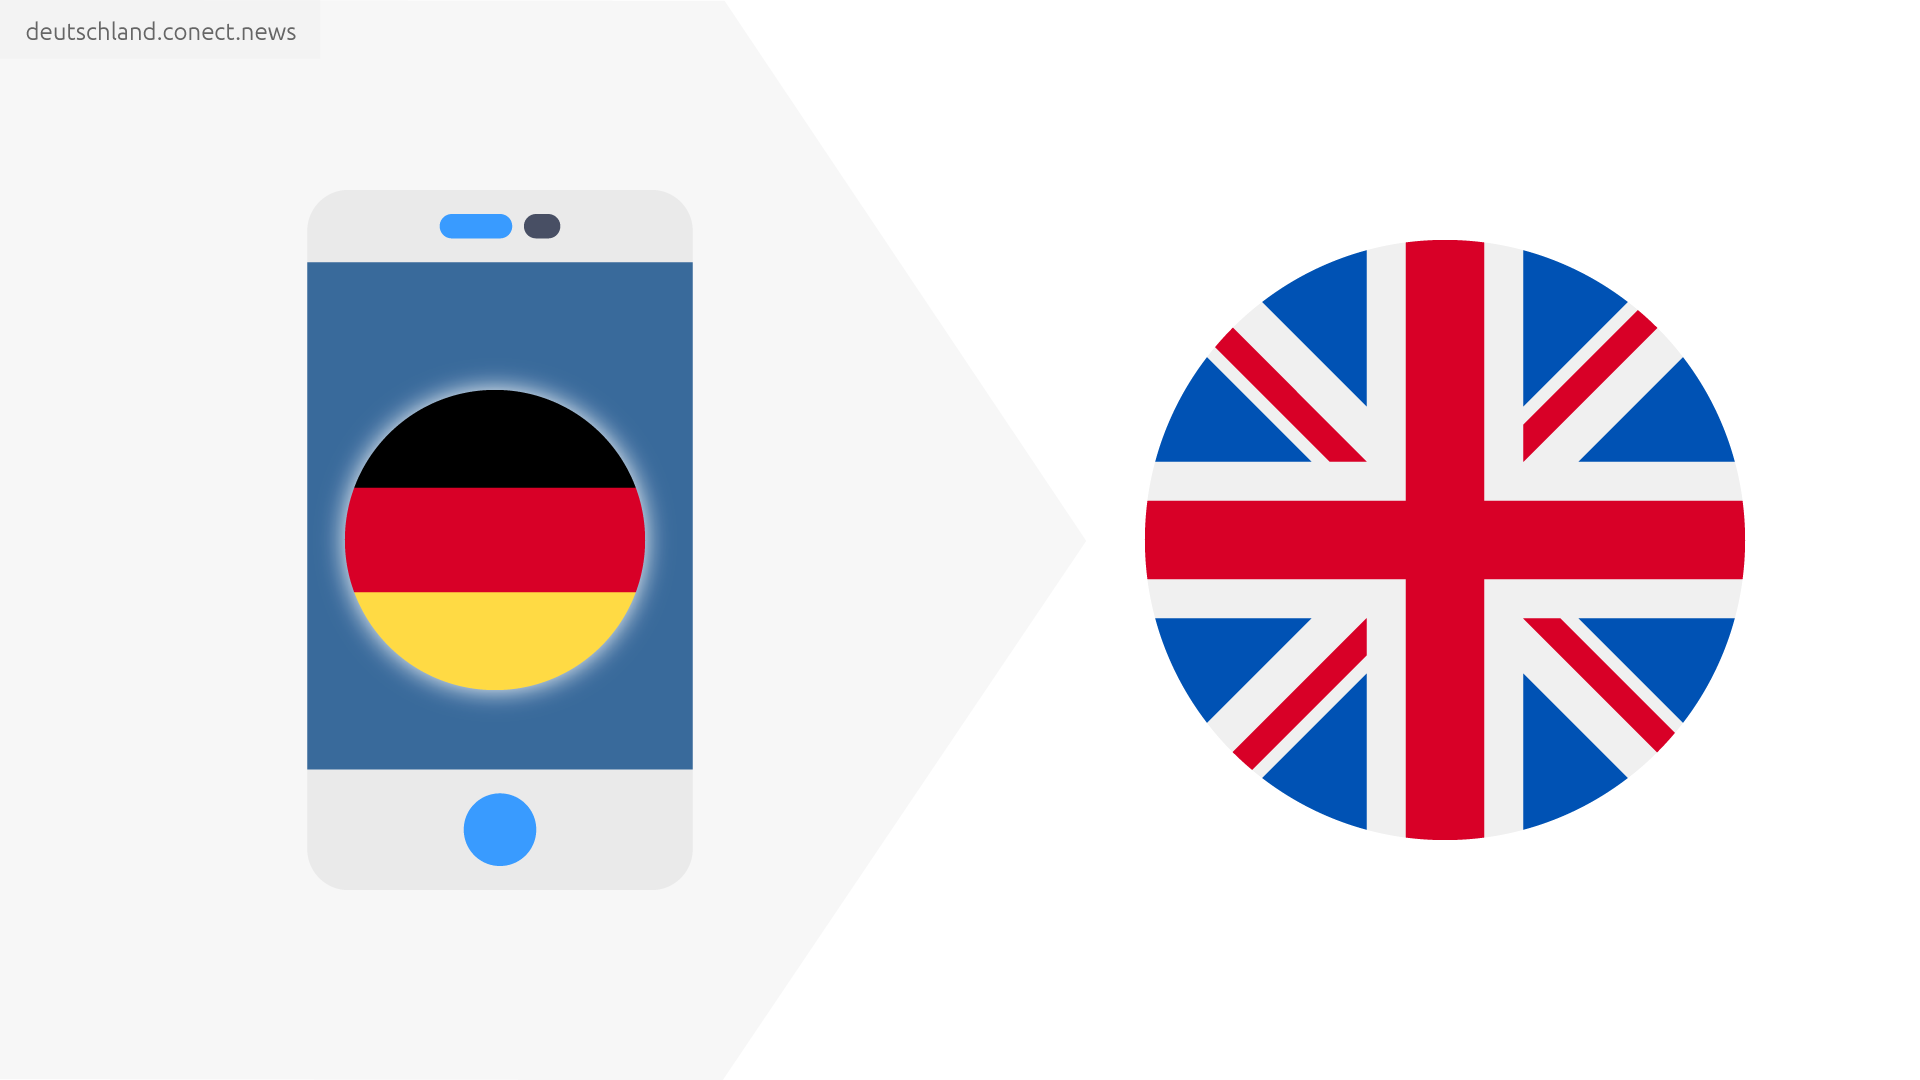 Günstiger von Deutschland ins Vereinigte Königreich @conetc_news